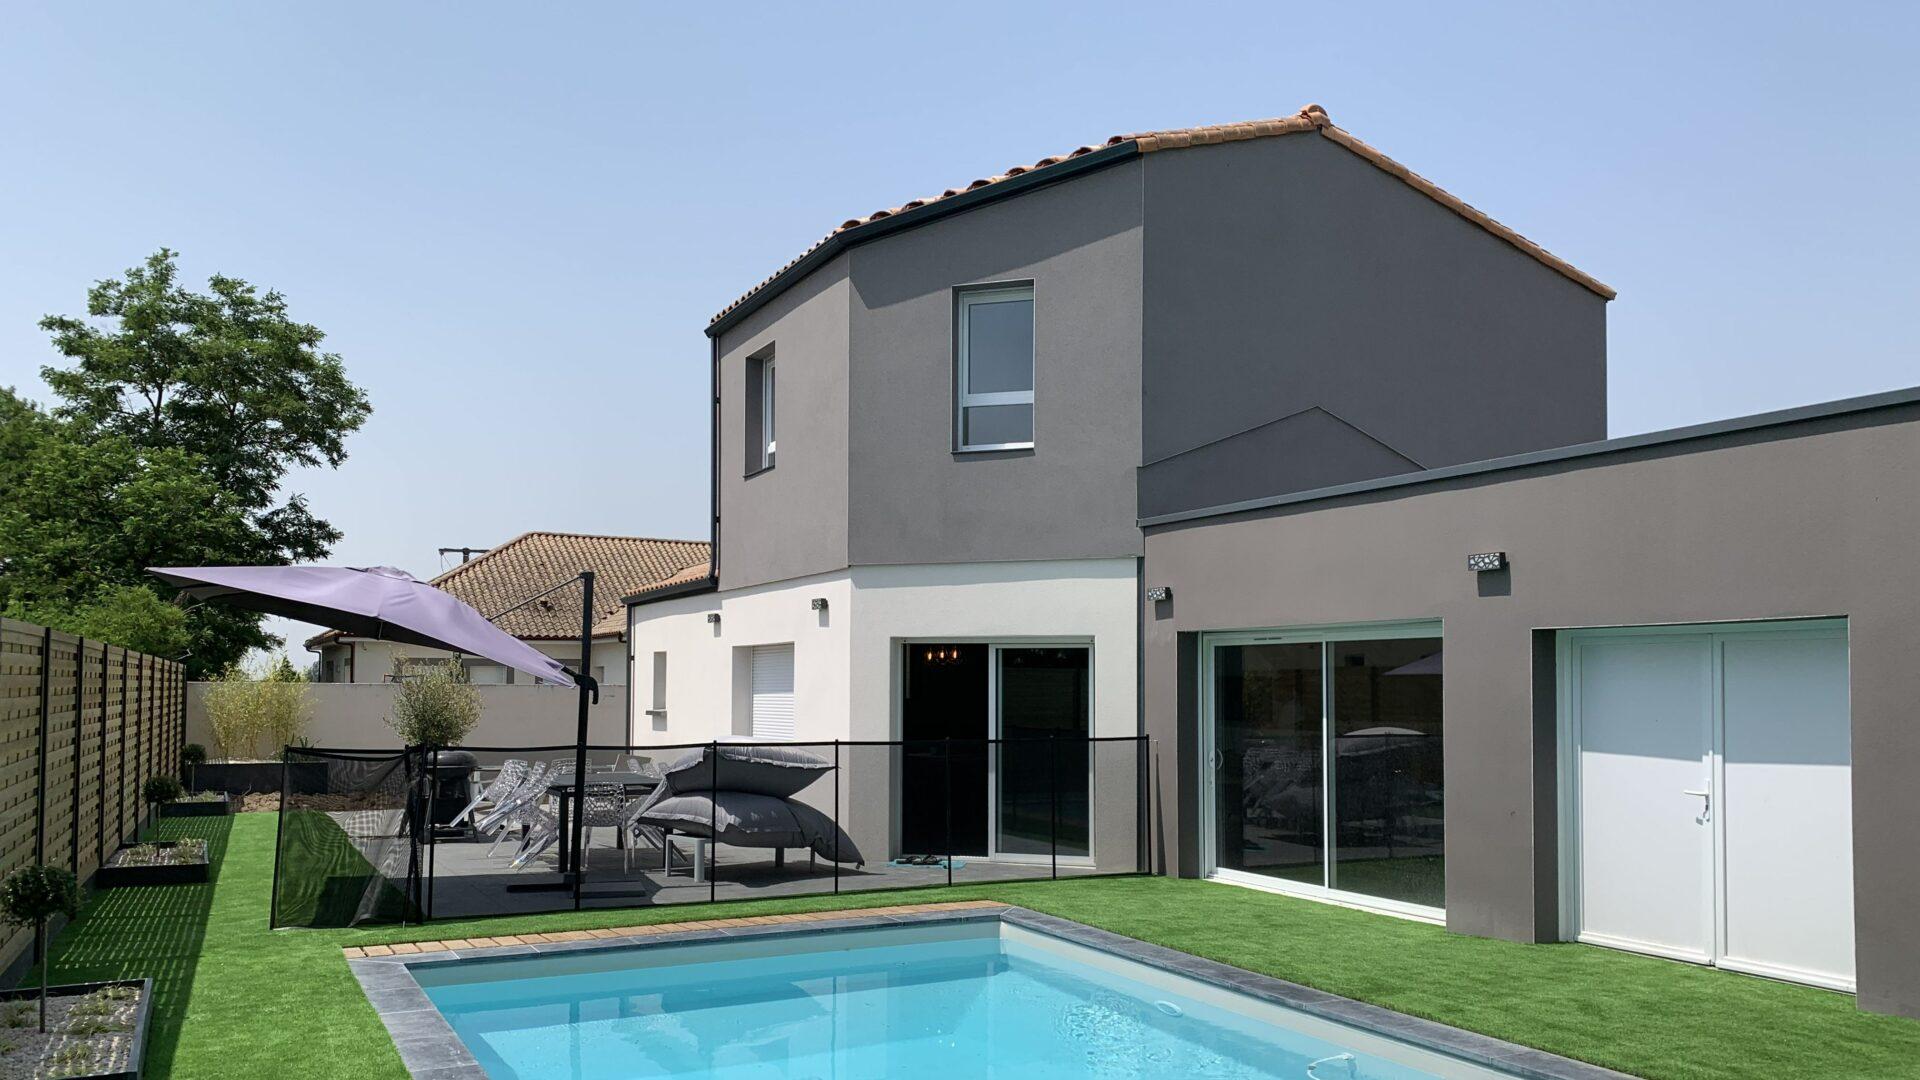 constructeur-maison-neuve-loire